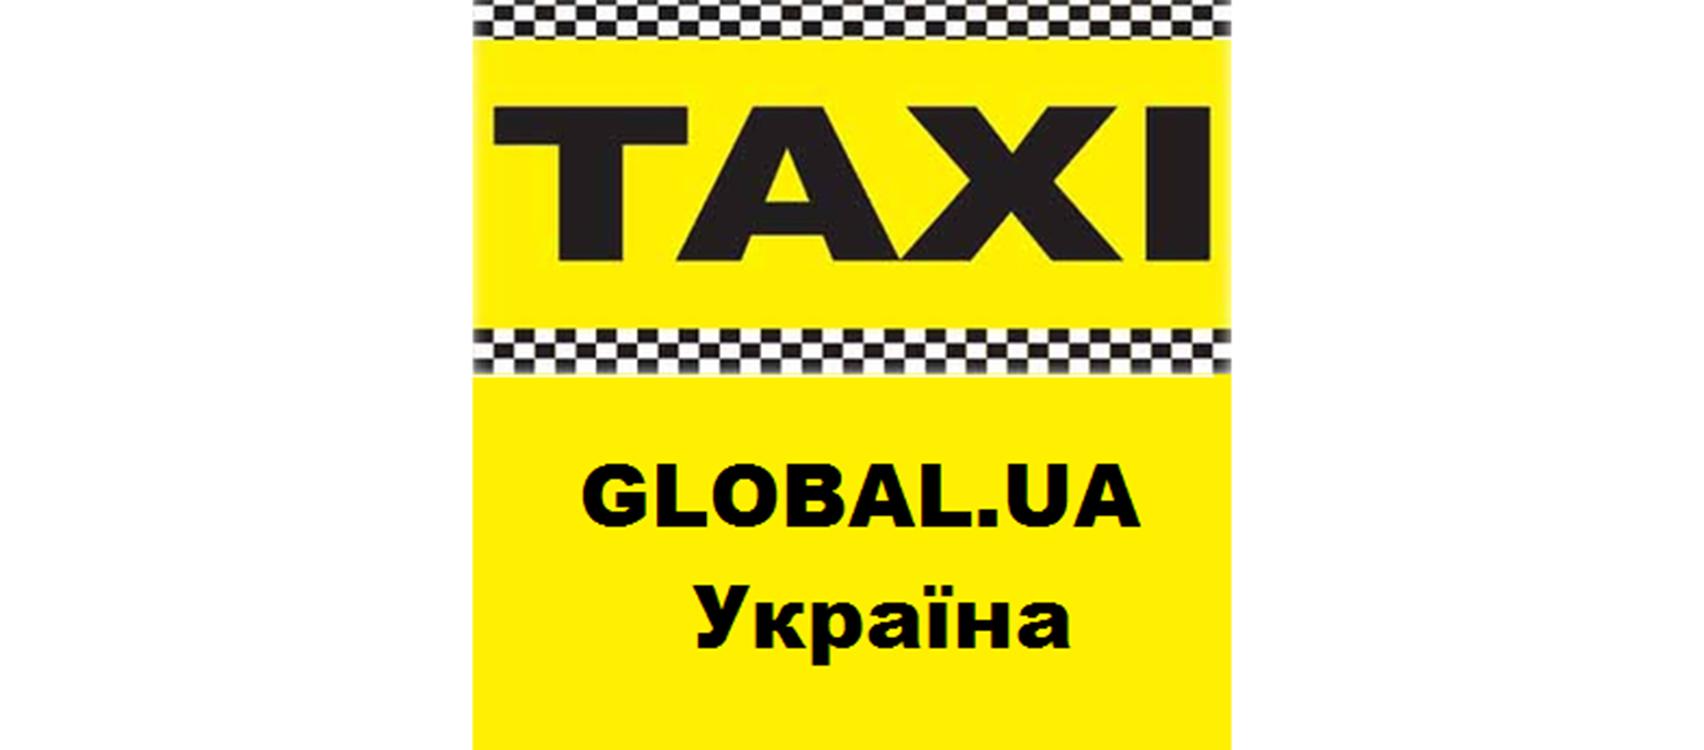 Таксі GLOBAL.UA Україна